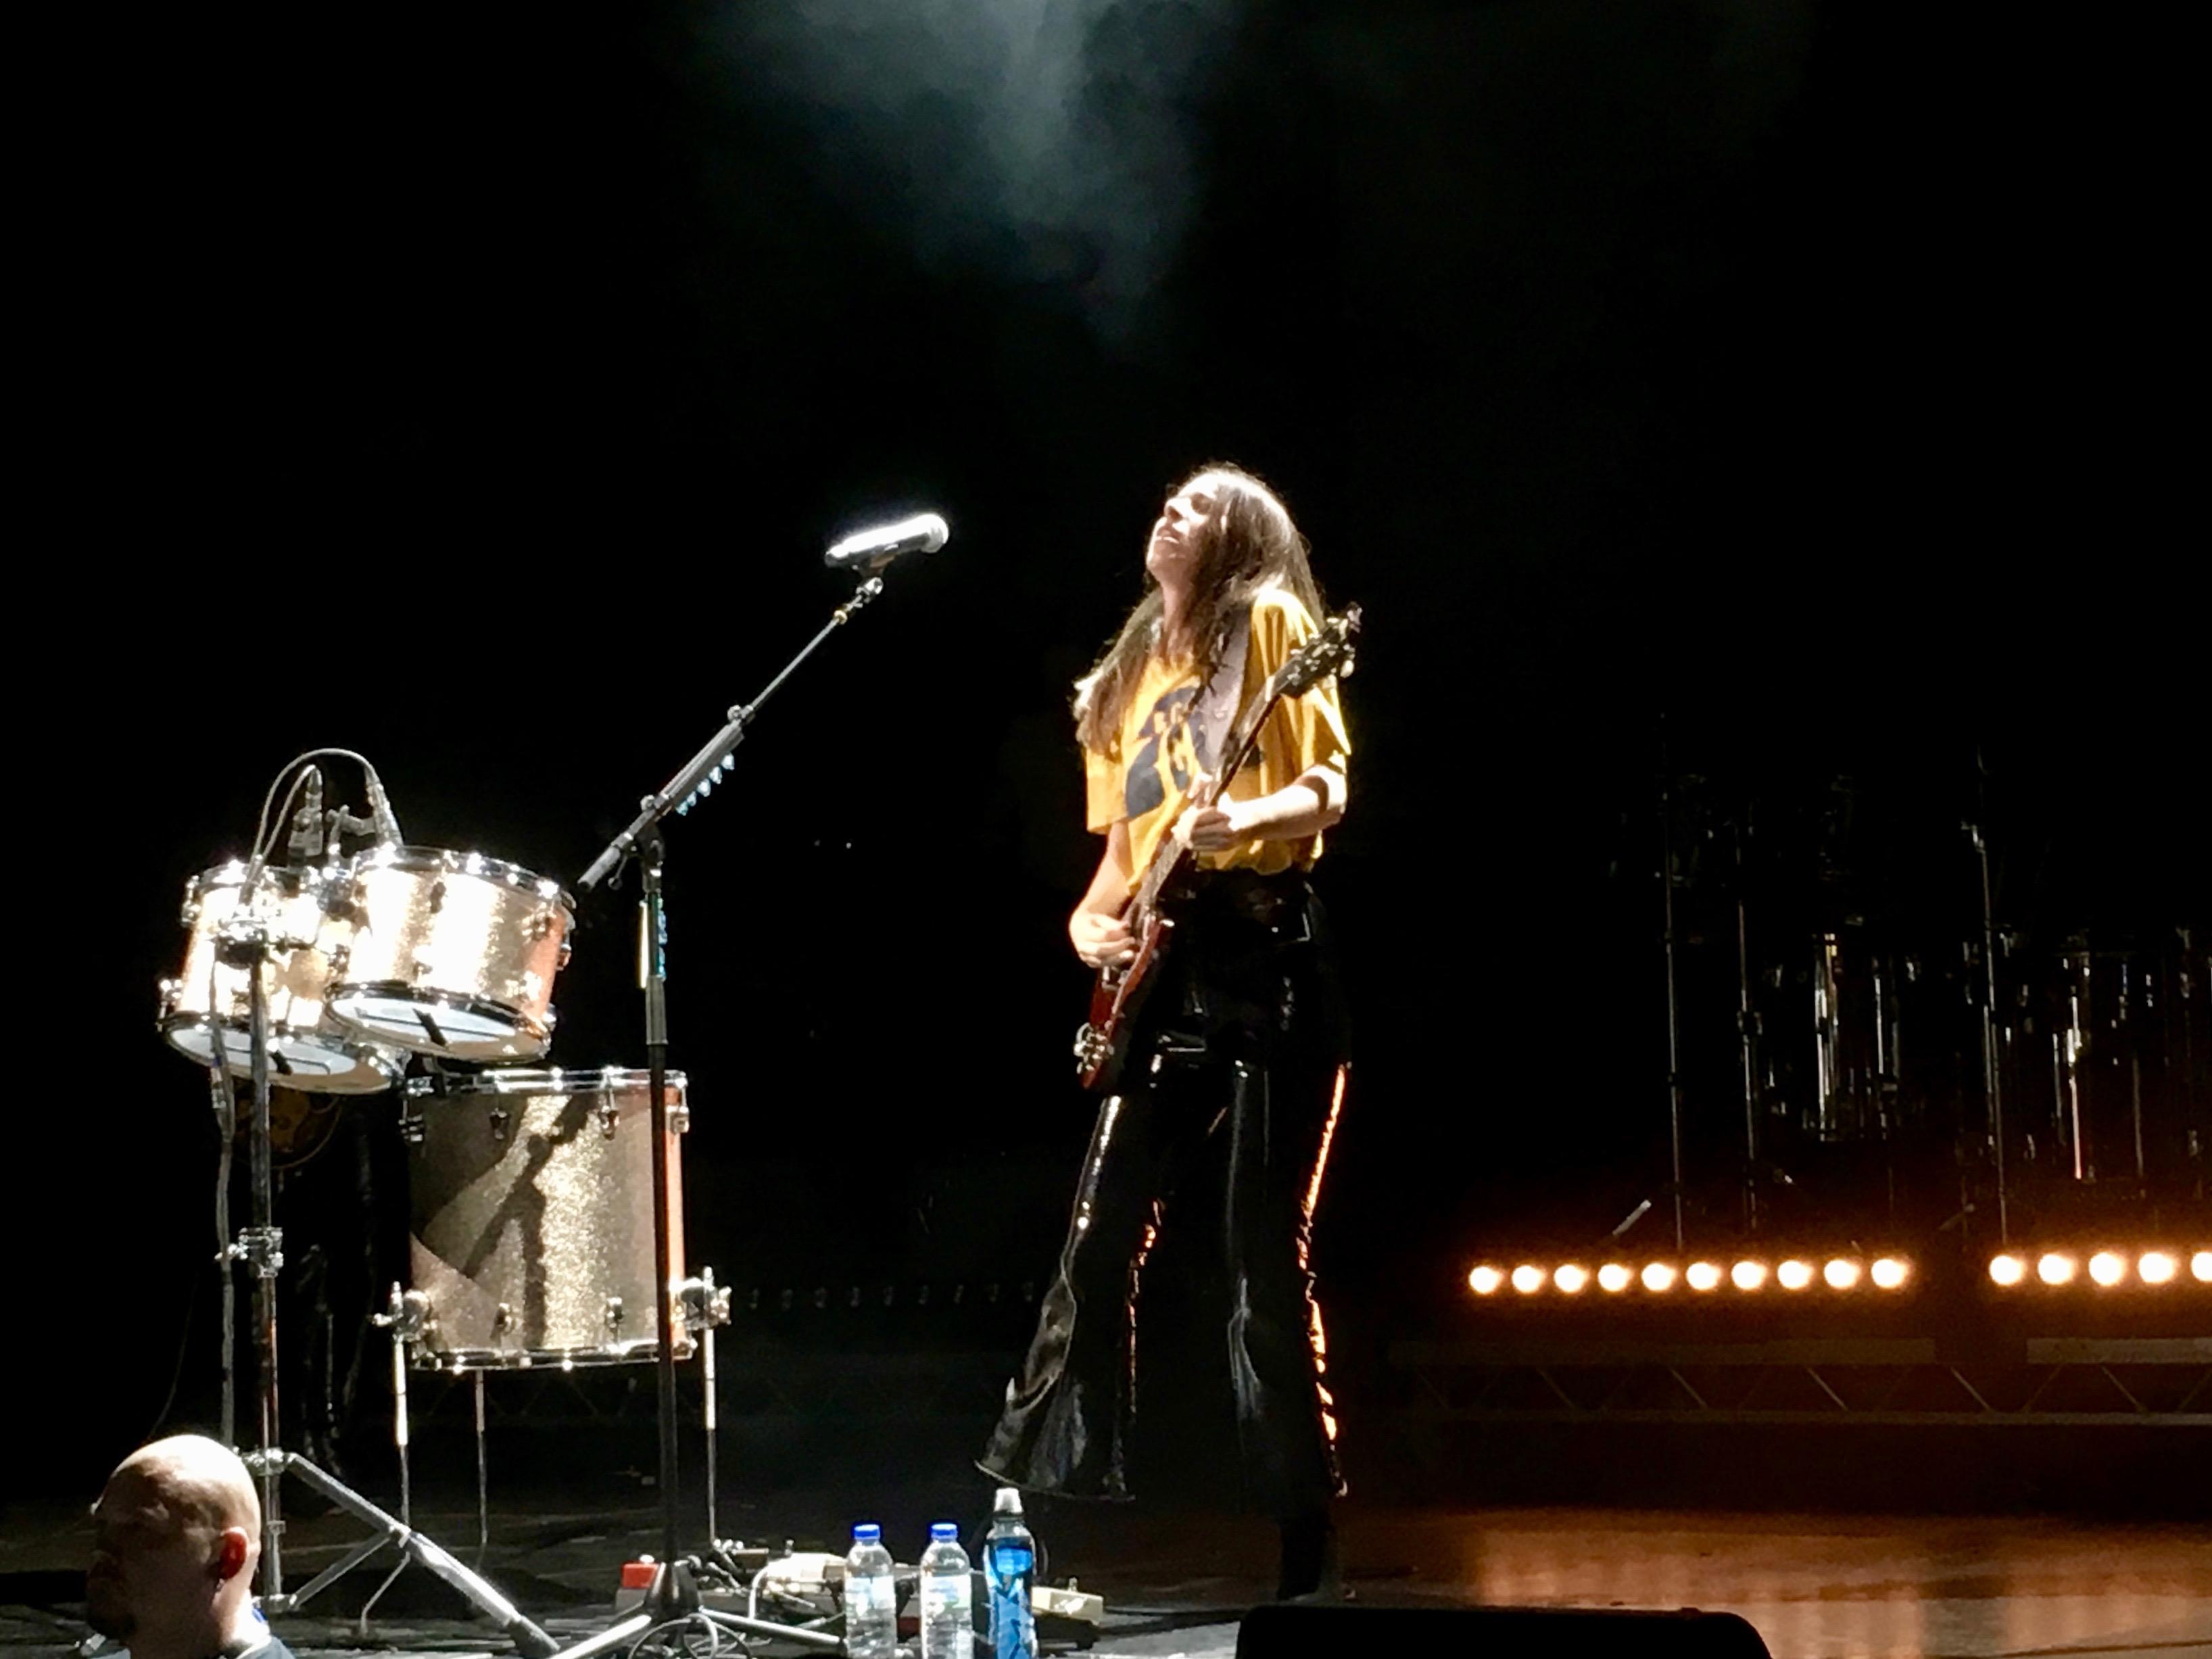 Danielle Haim ist eine Gitarrengöttin. Das bewies sie beim Konzert in Berlin